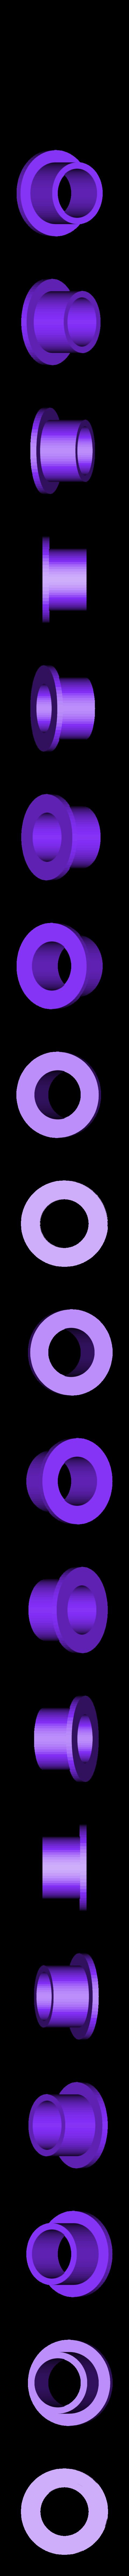 BearingRingIn.stl Télécharger fichier STL gratuit Hadron (ORD Bot) Z Support de support en Z • Modèle pour imprimante 3D, Duskwin